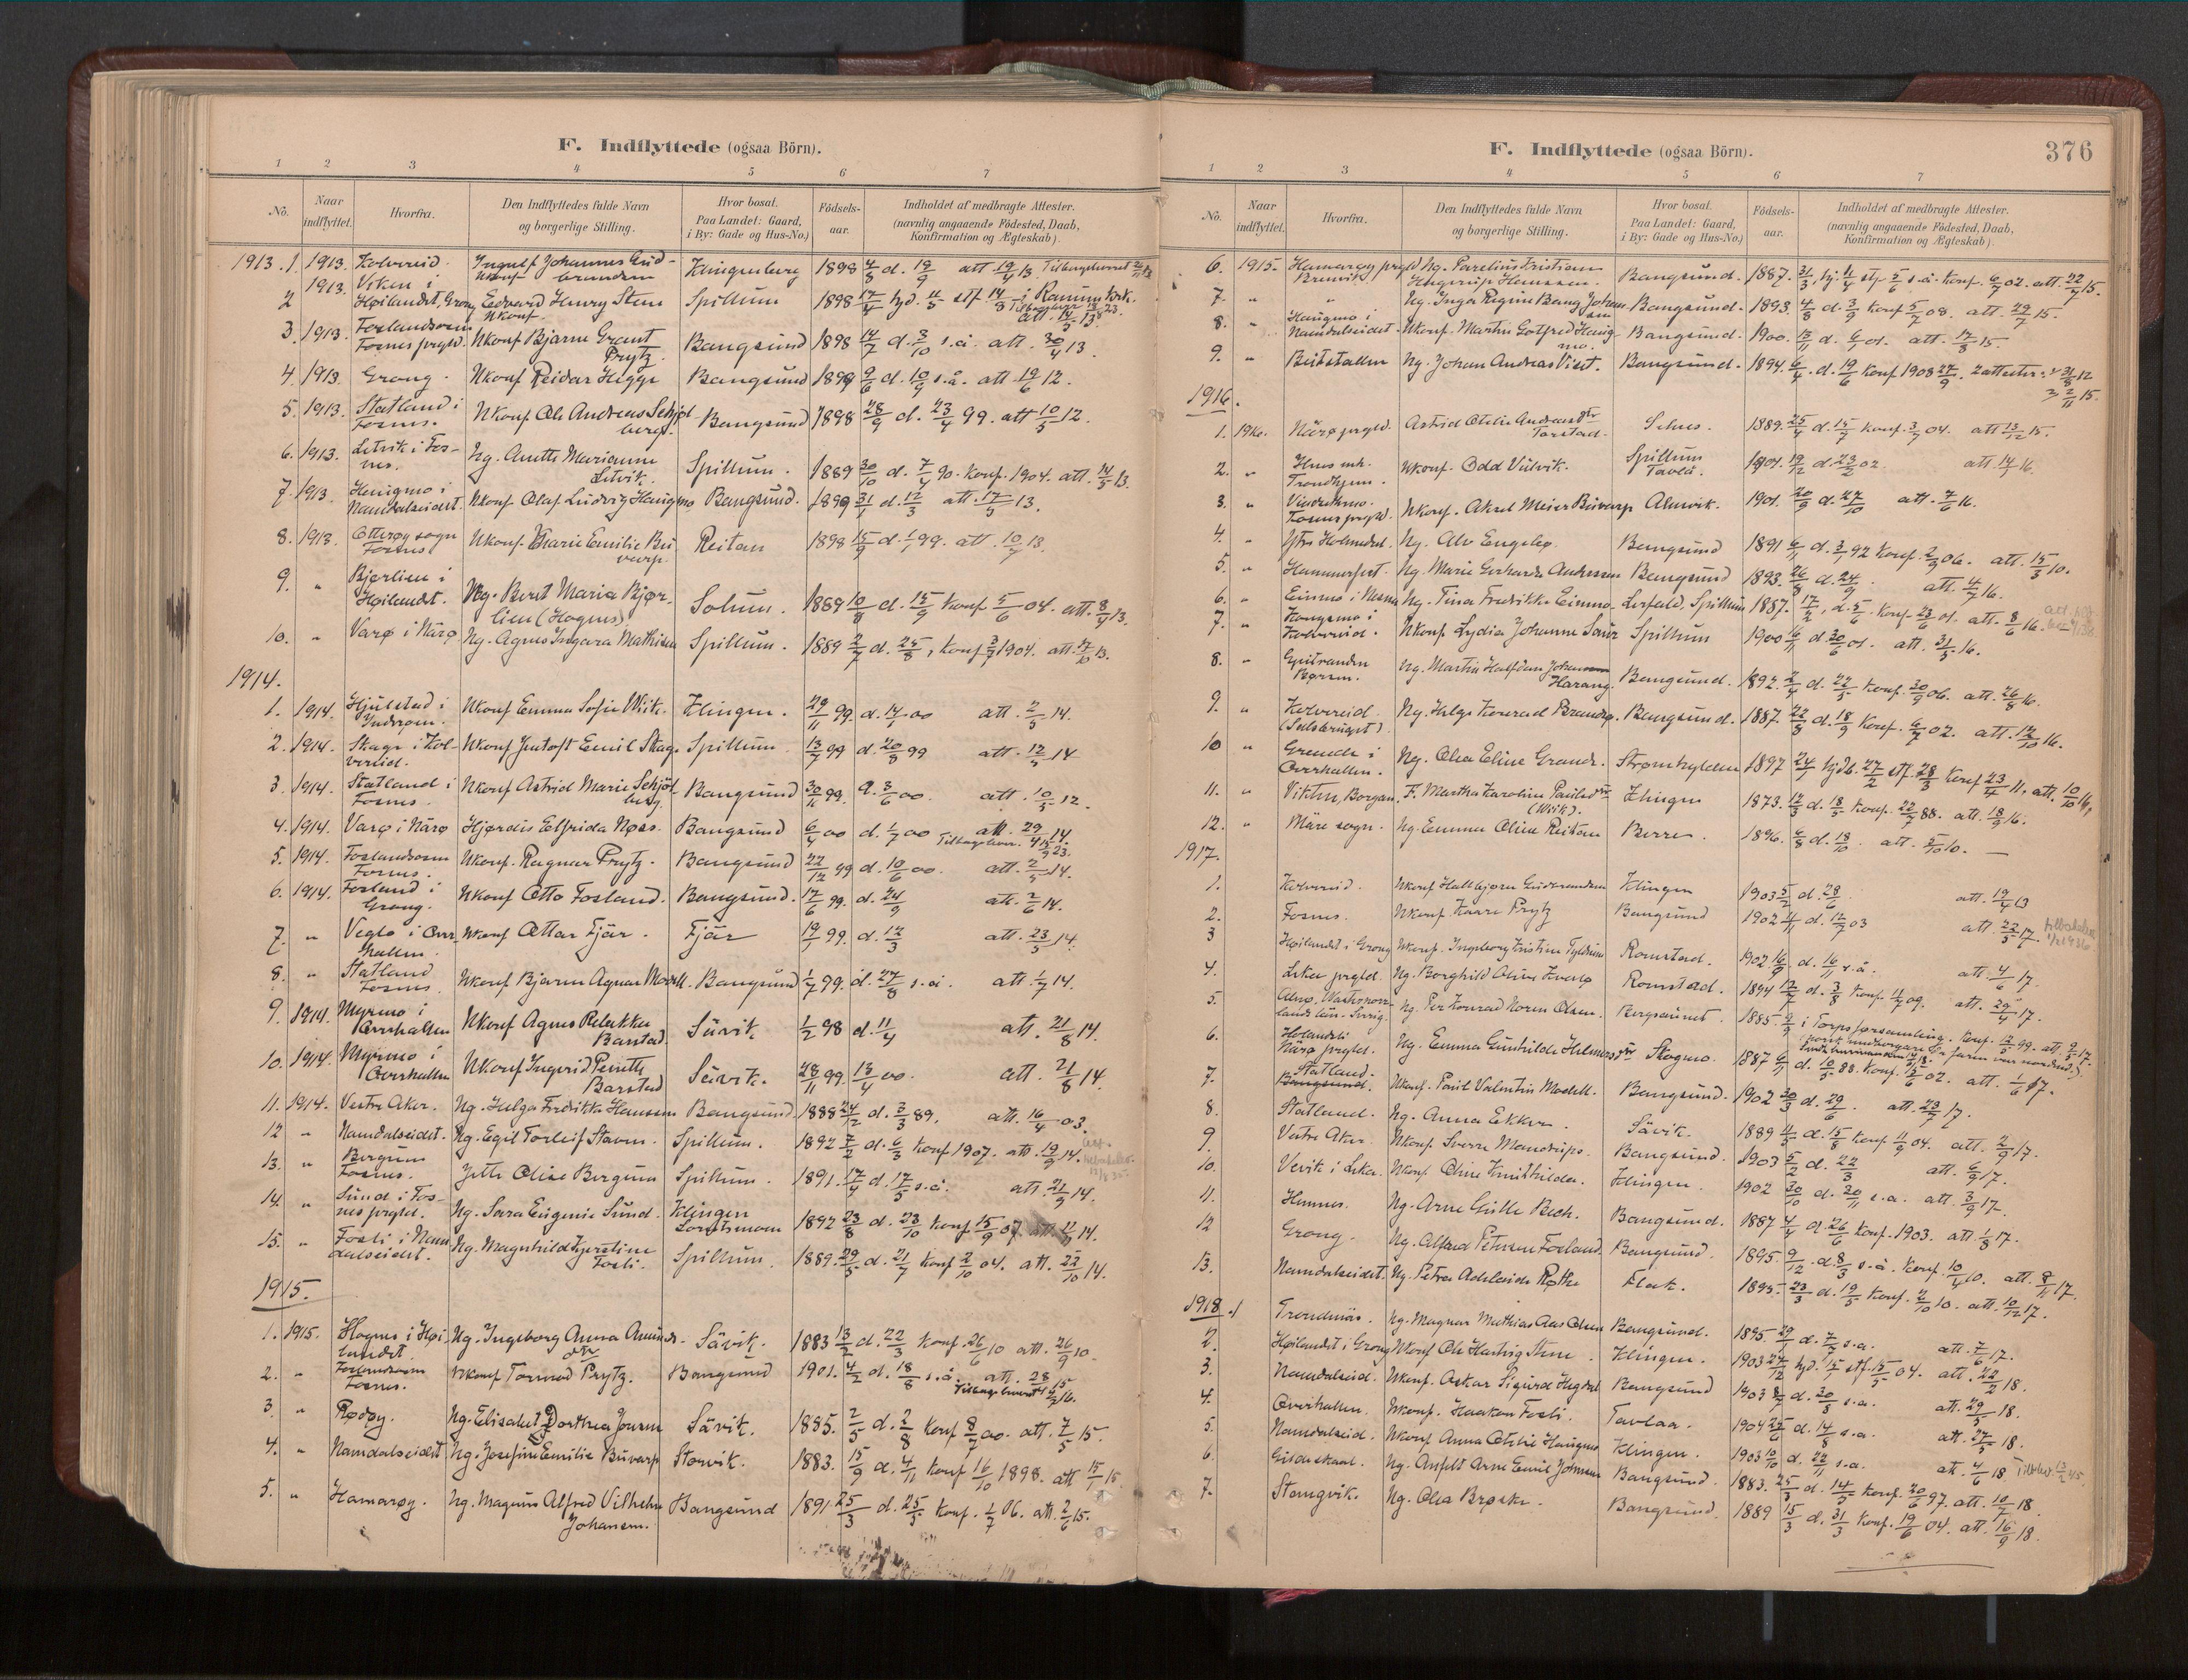 SAT, Ministerialprotokoller, klokkerbøker og fødselsregistre - Nord-Trøndelag, 770/L0589: Ministerialbok nr. 770A03, 1887-1929, s. 376